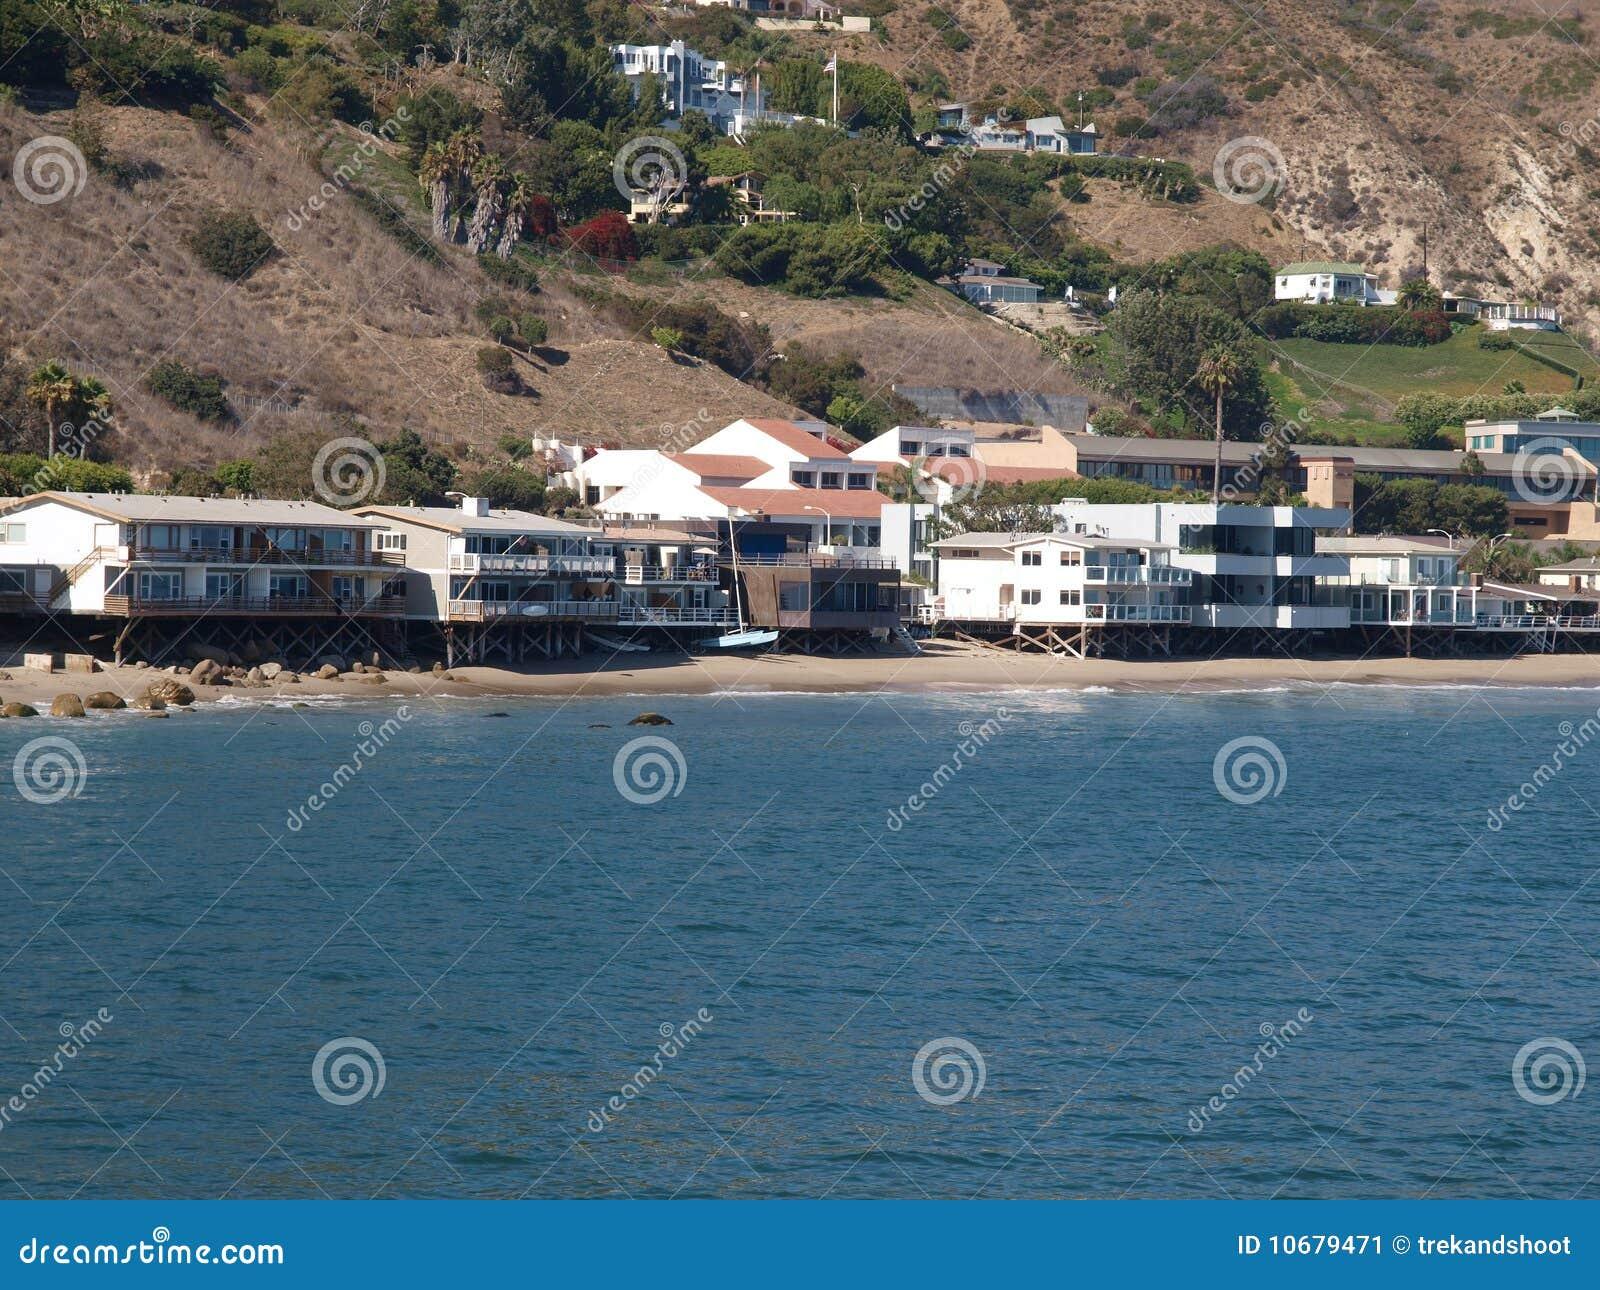 Case della spiaggia di malibu immagine stock immagine for Case mediterranee della california